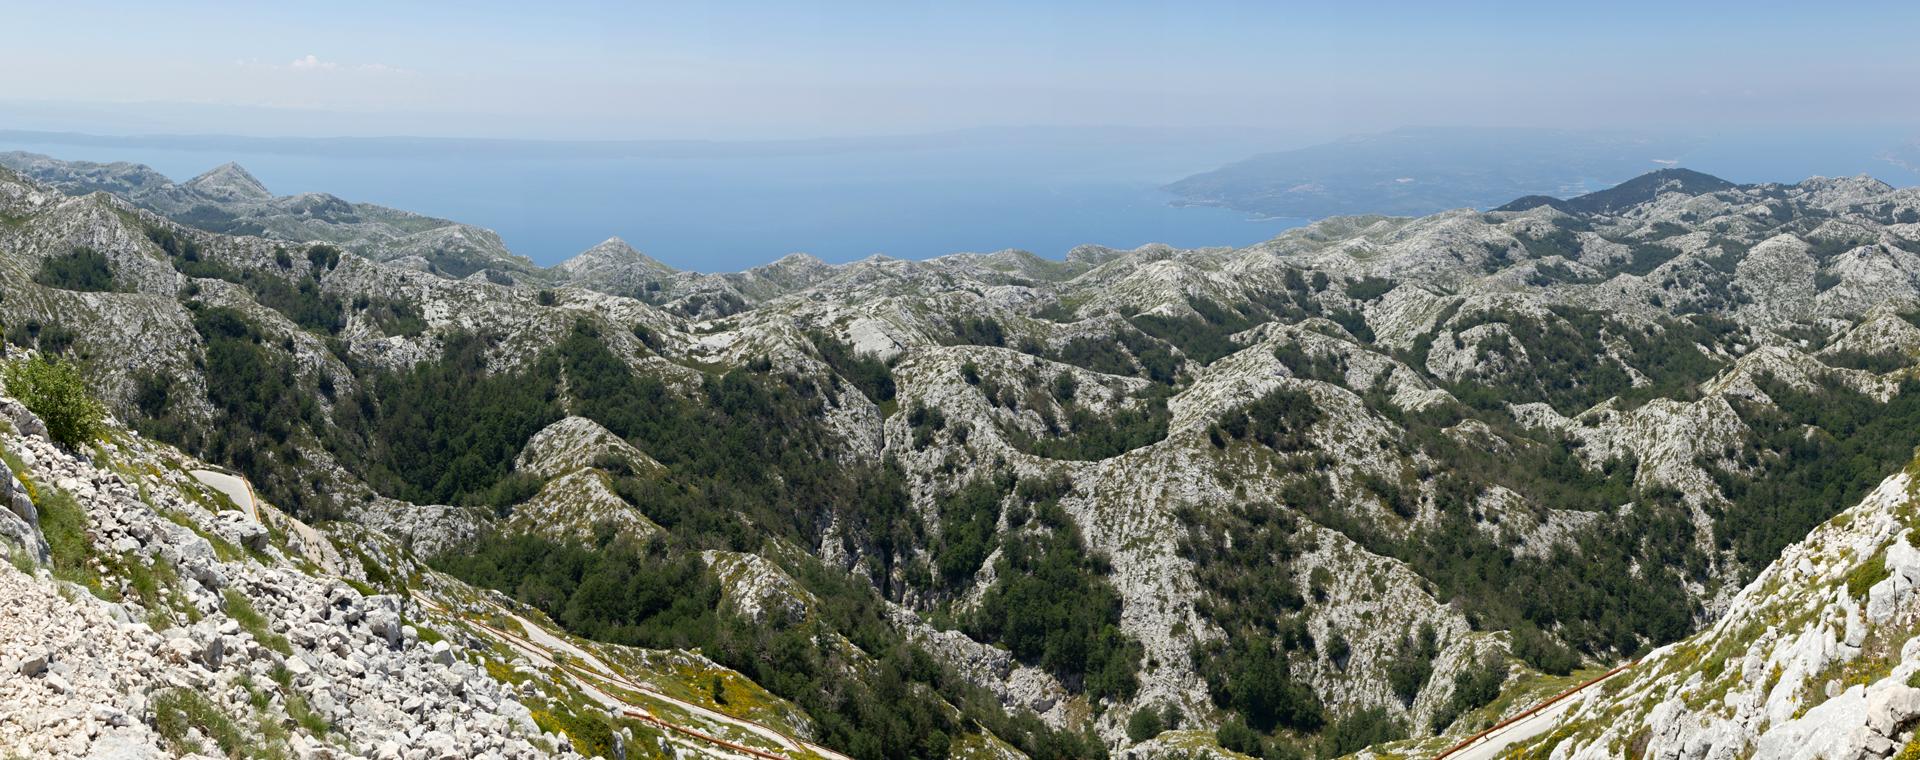 Image Croatie : îles et cités de la Dalmatie